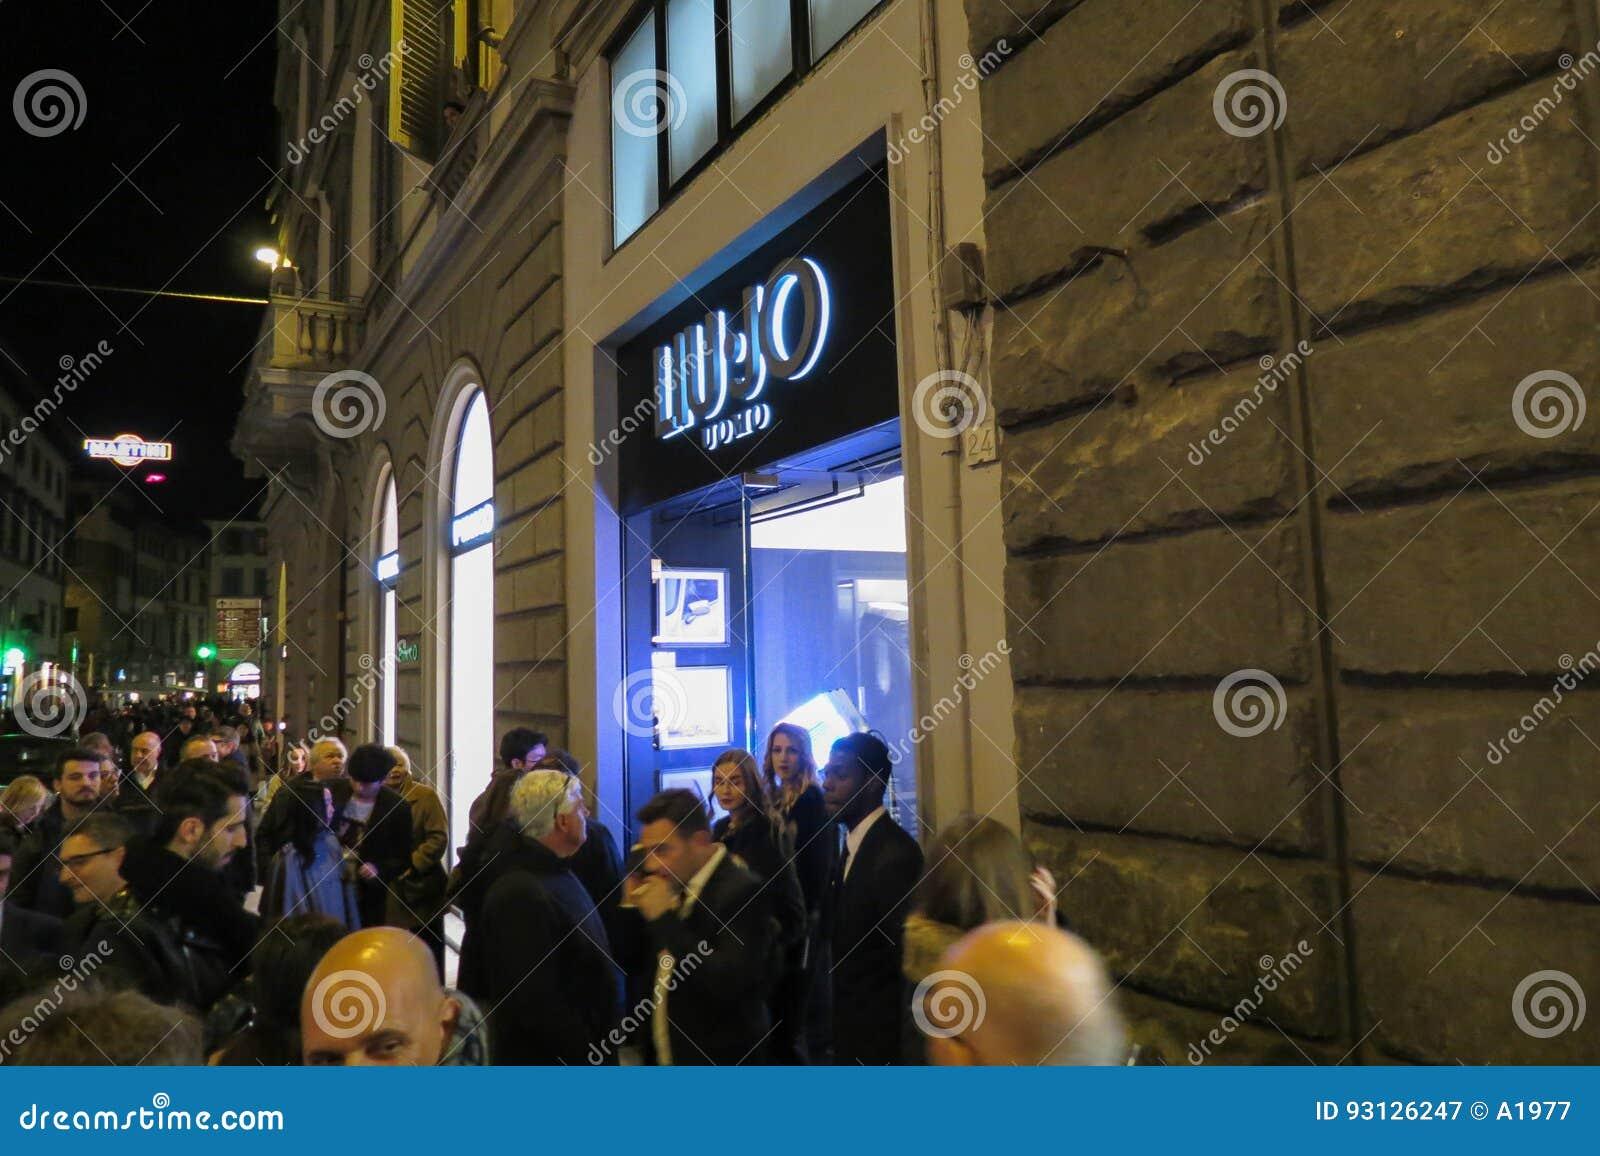 Deposito Di Liu Jo Uomo A Firenze Fotografia Editoriale